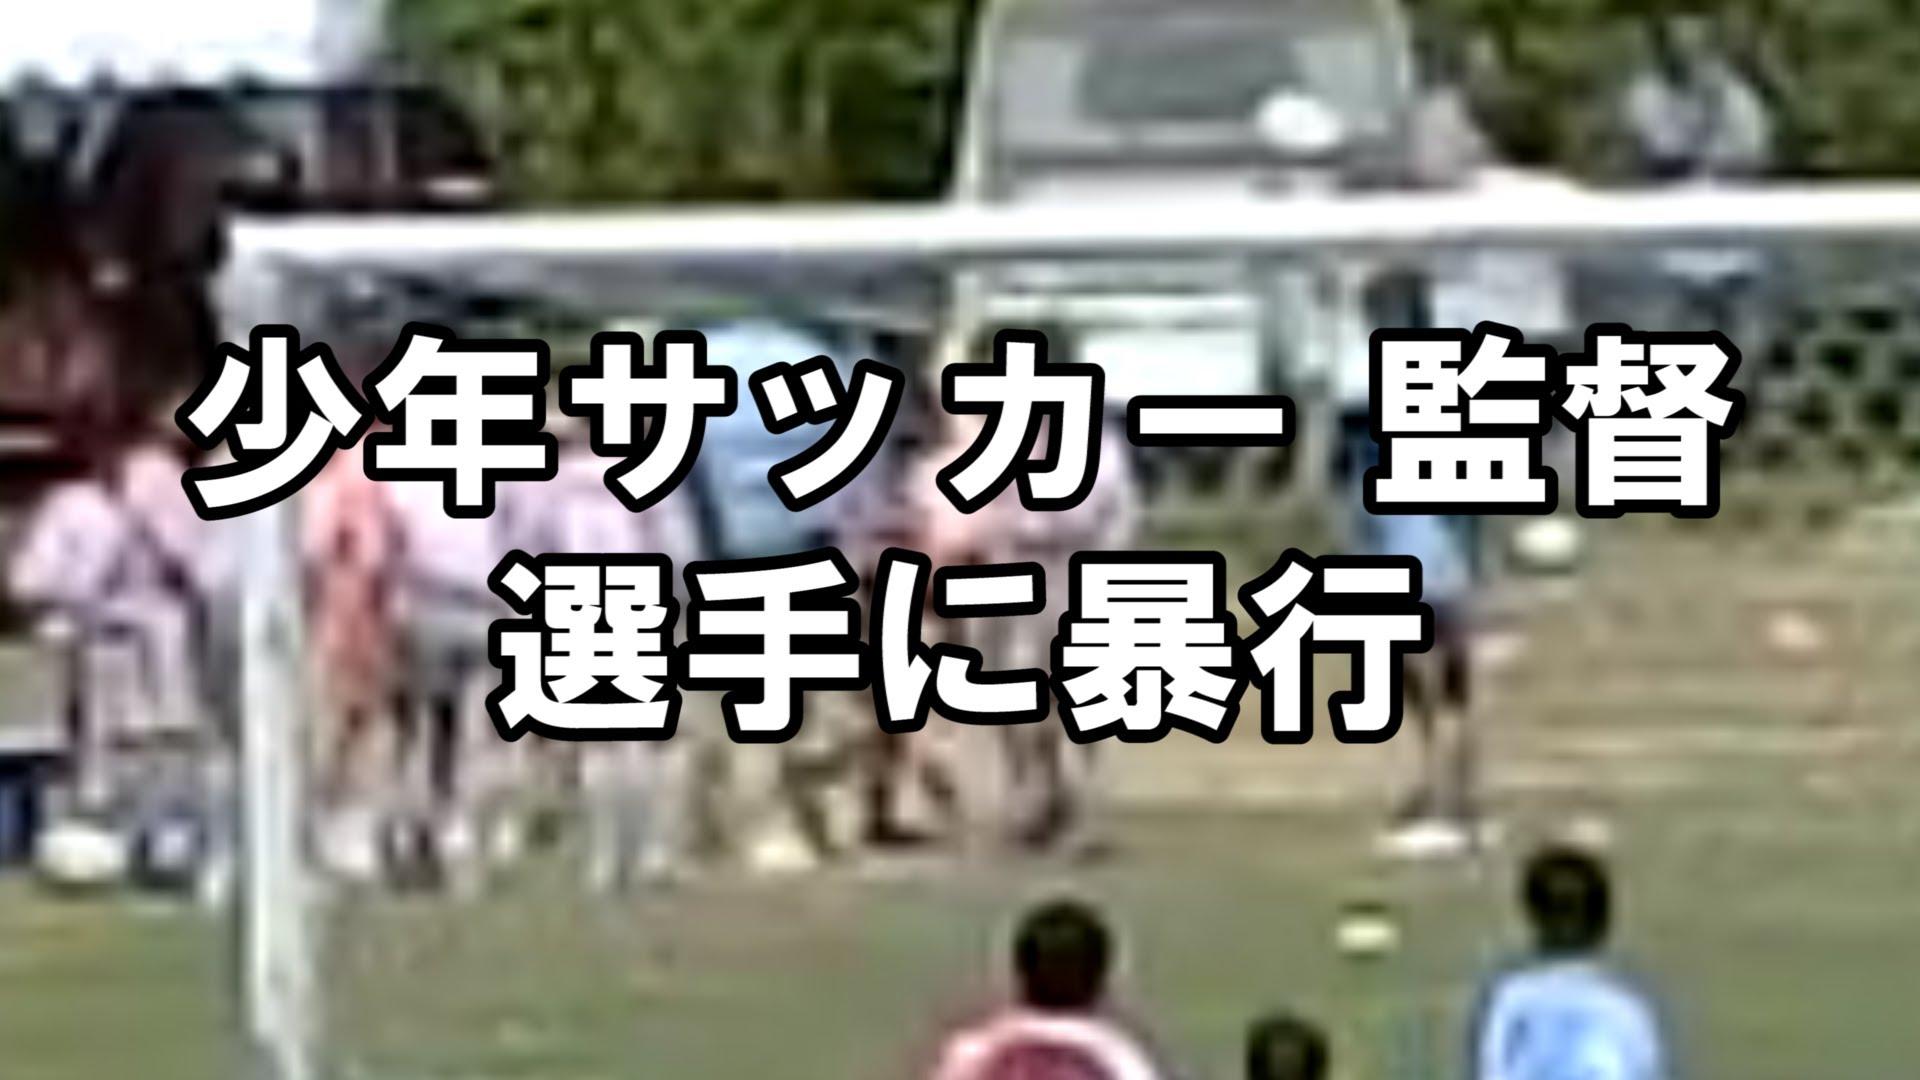 少年サッカー暴行問題